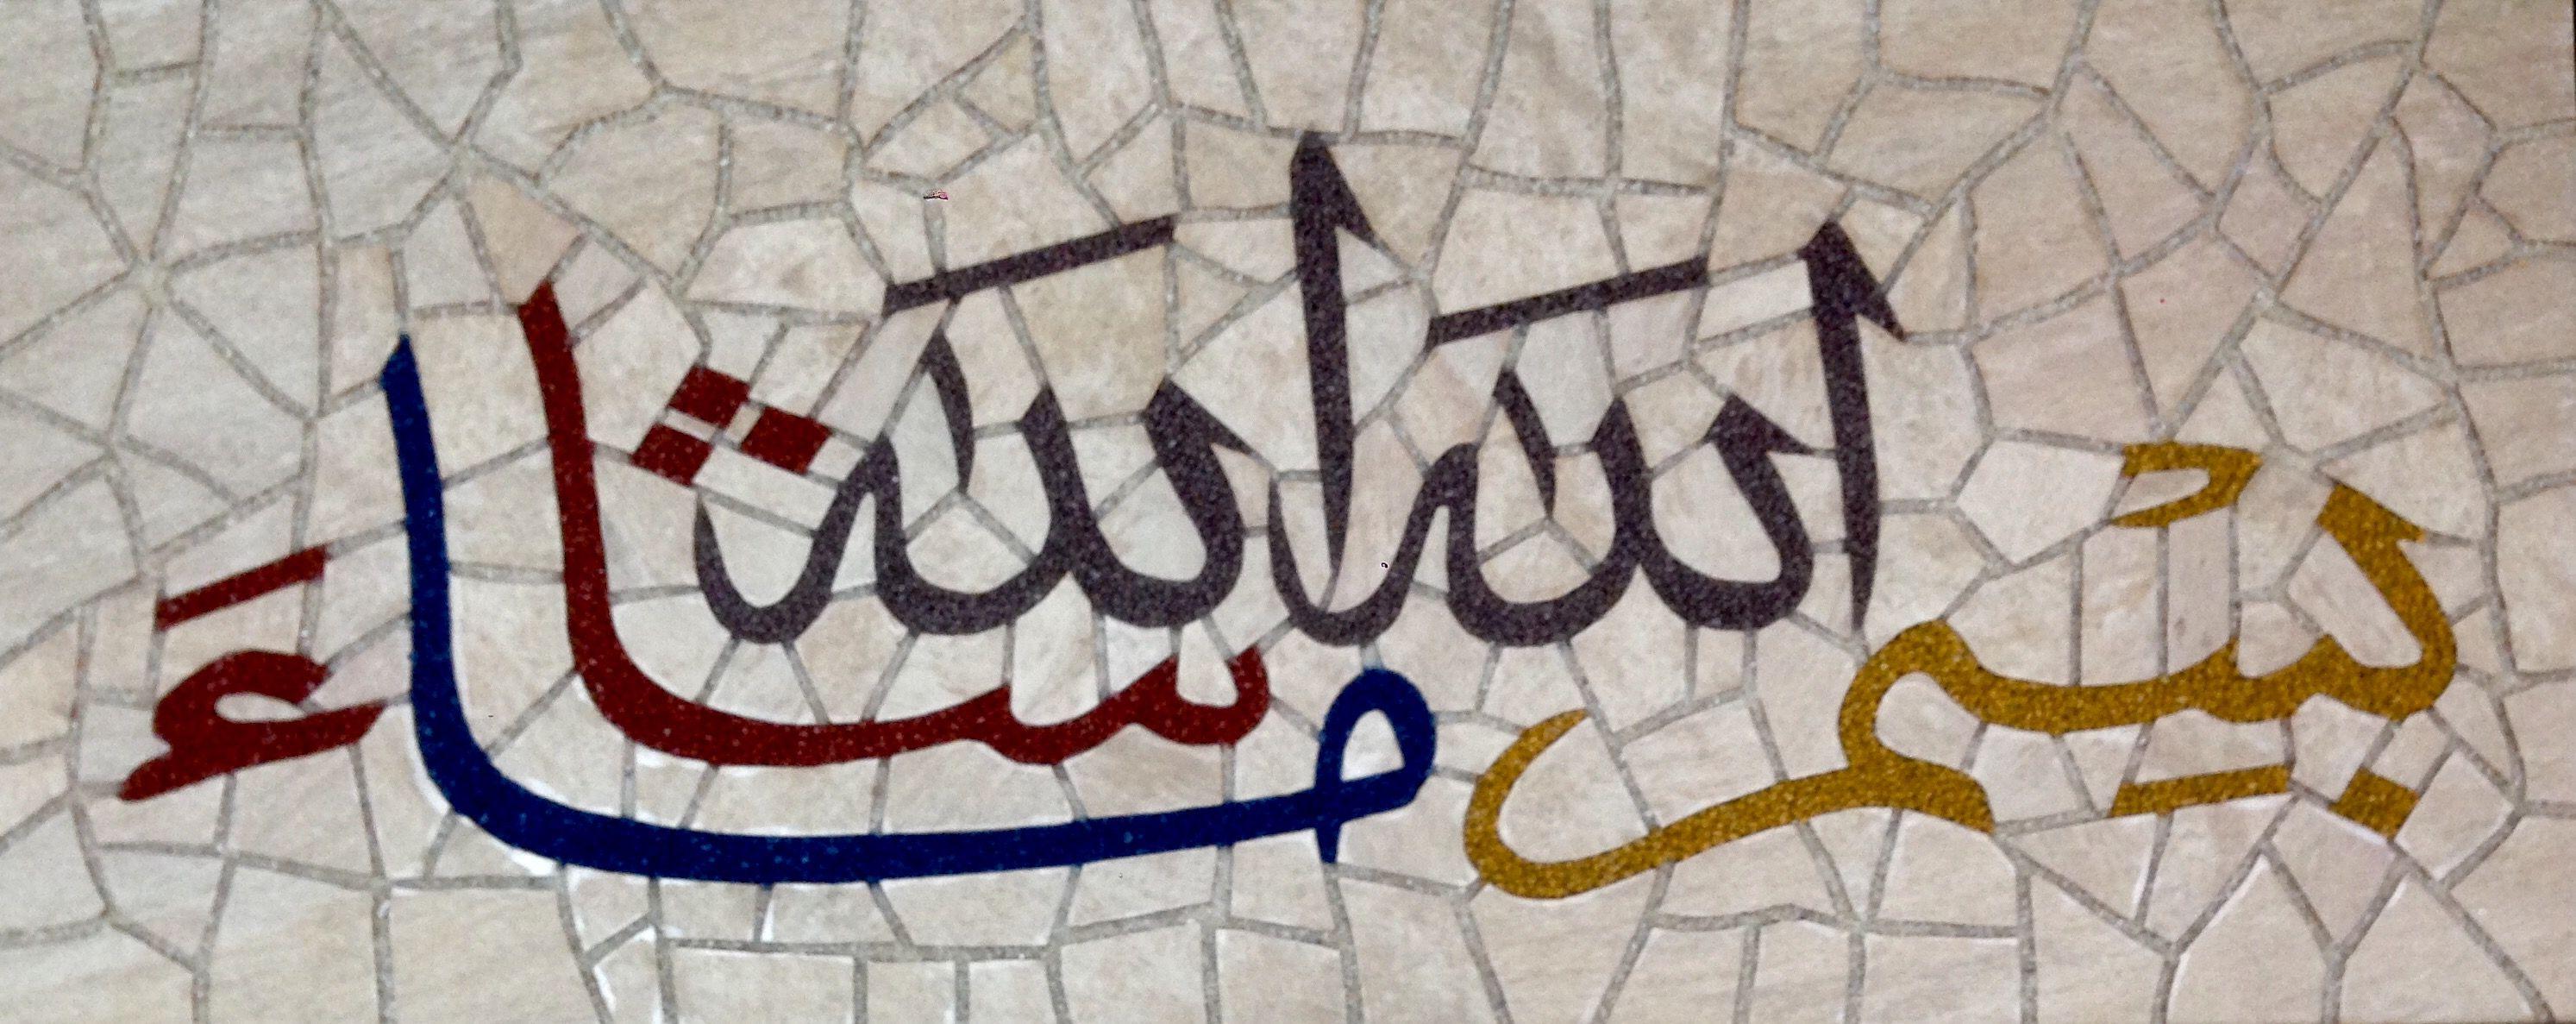 بسم الله ما شاء الله Mosaic art, Islamic caligraphy